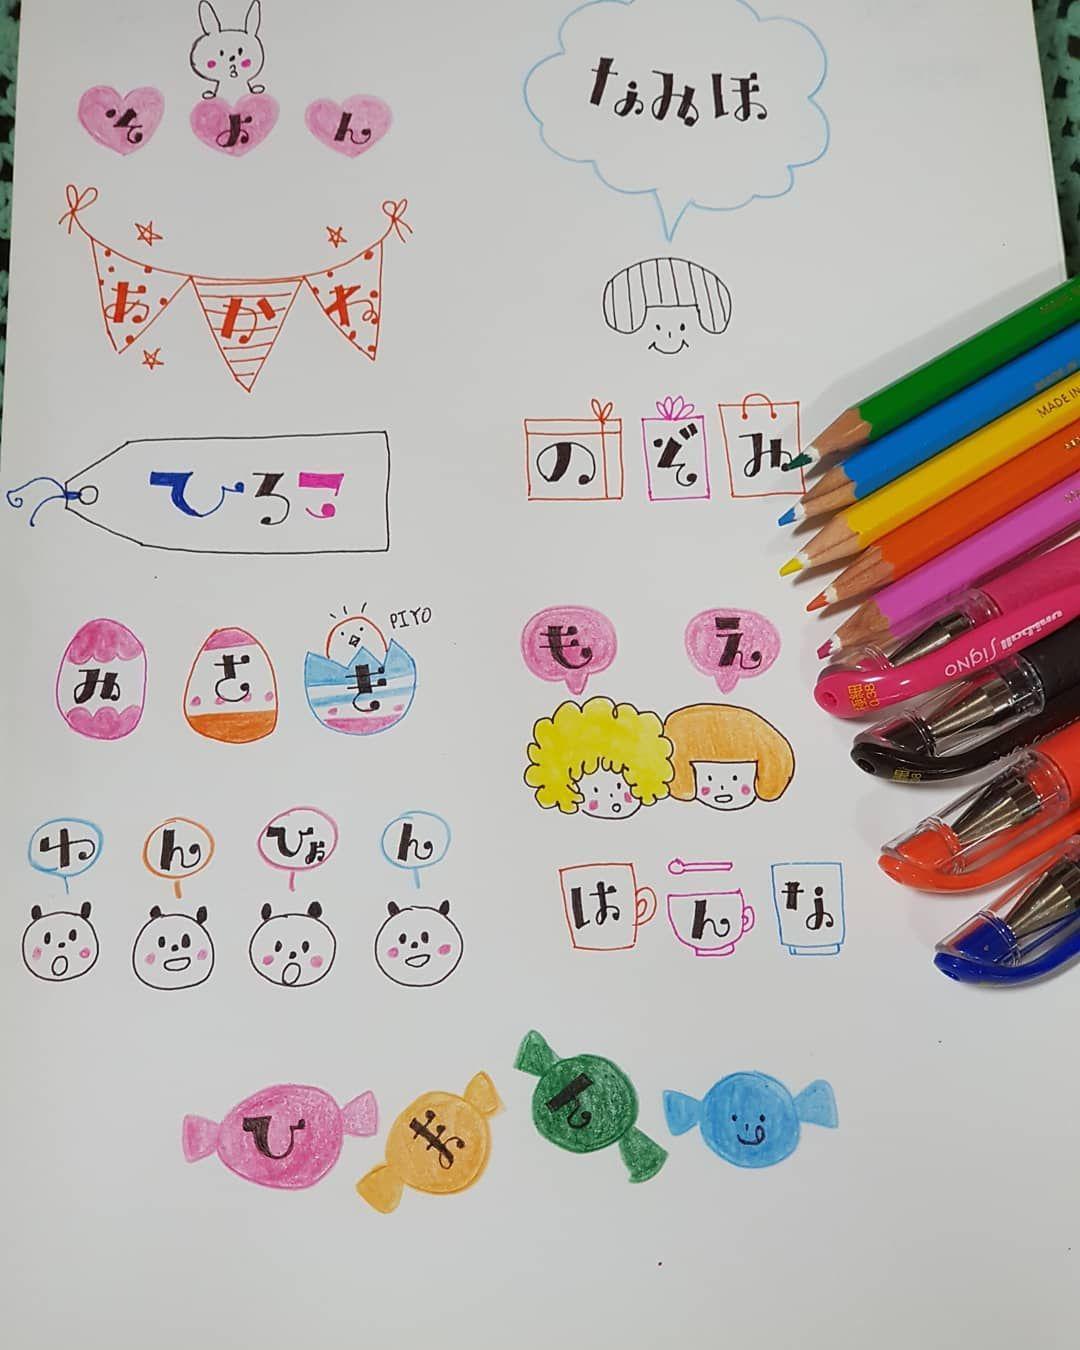 可愛いデコ文字の書き方4つ 手紙に書きたい英語の手書きデザイン11選も Belcy 手書き 文字 かわいい かわいい文字 デコ 文字